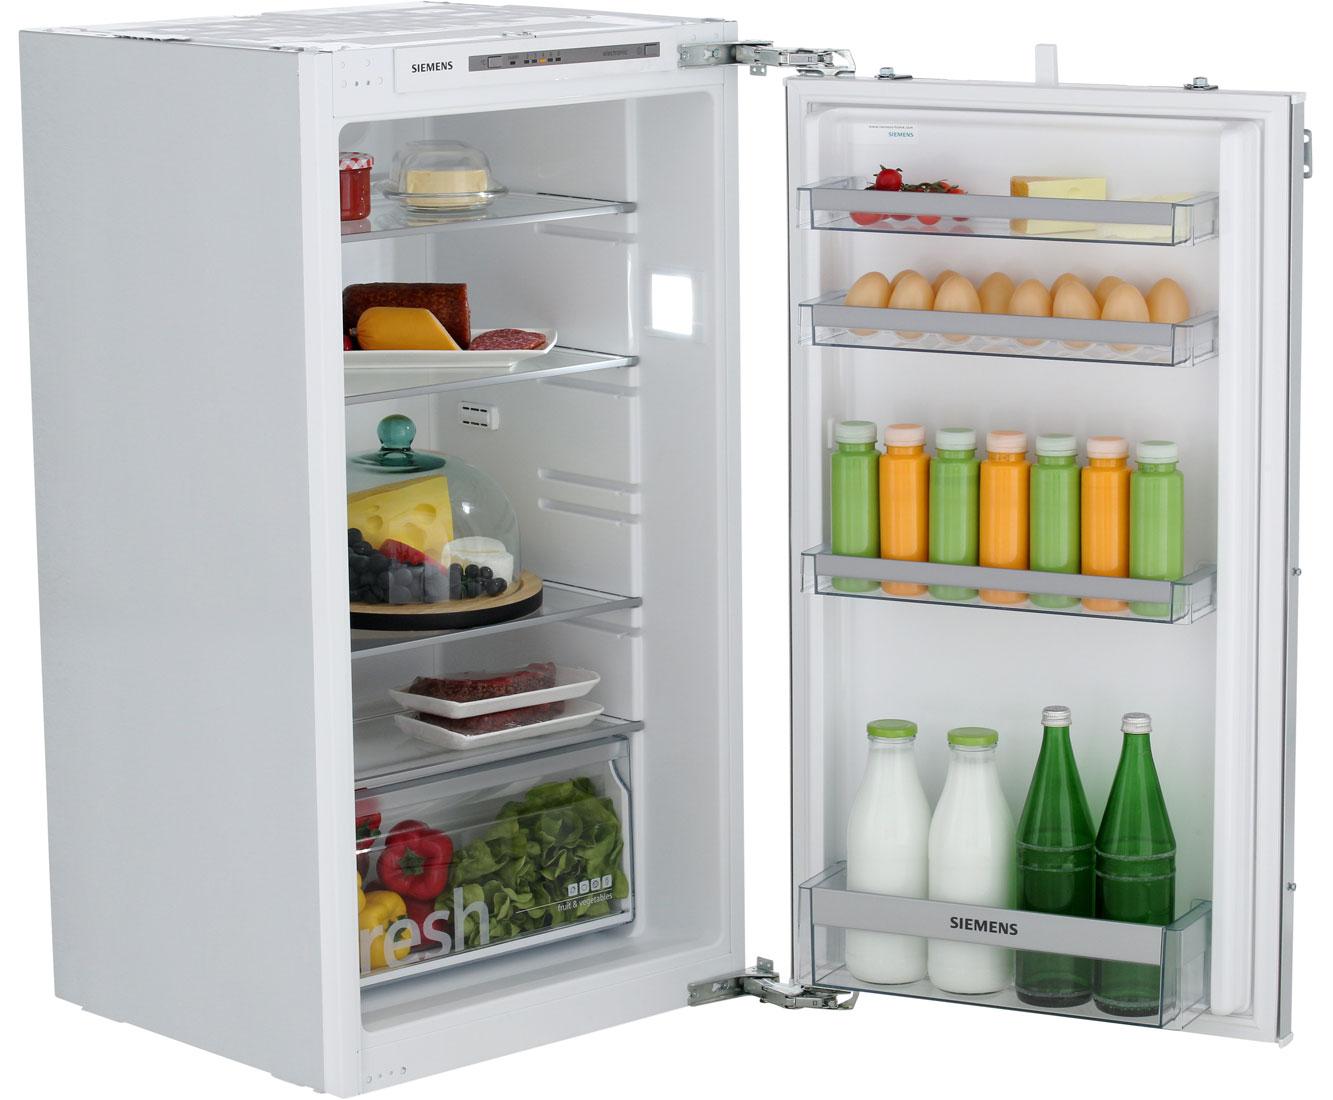 Kühlschrank Richtig Einräumen Siemens : Siemens iq ki rvf einbau kühlschrank er nische festtür